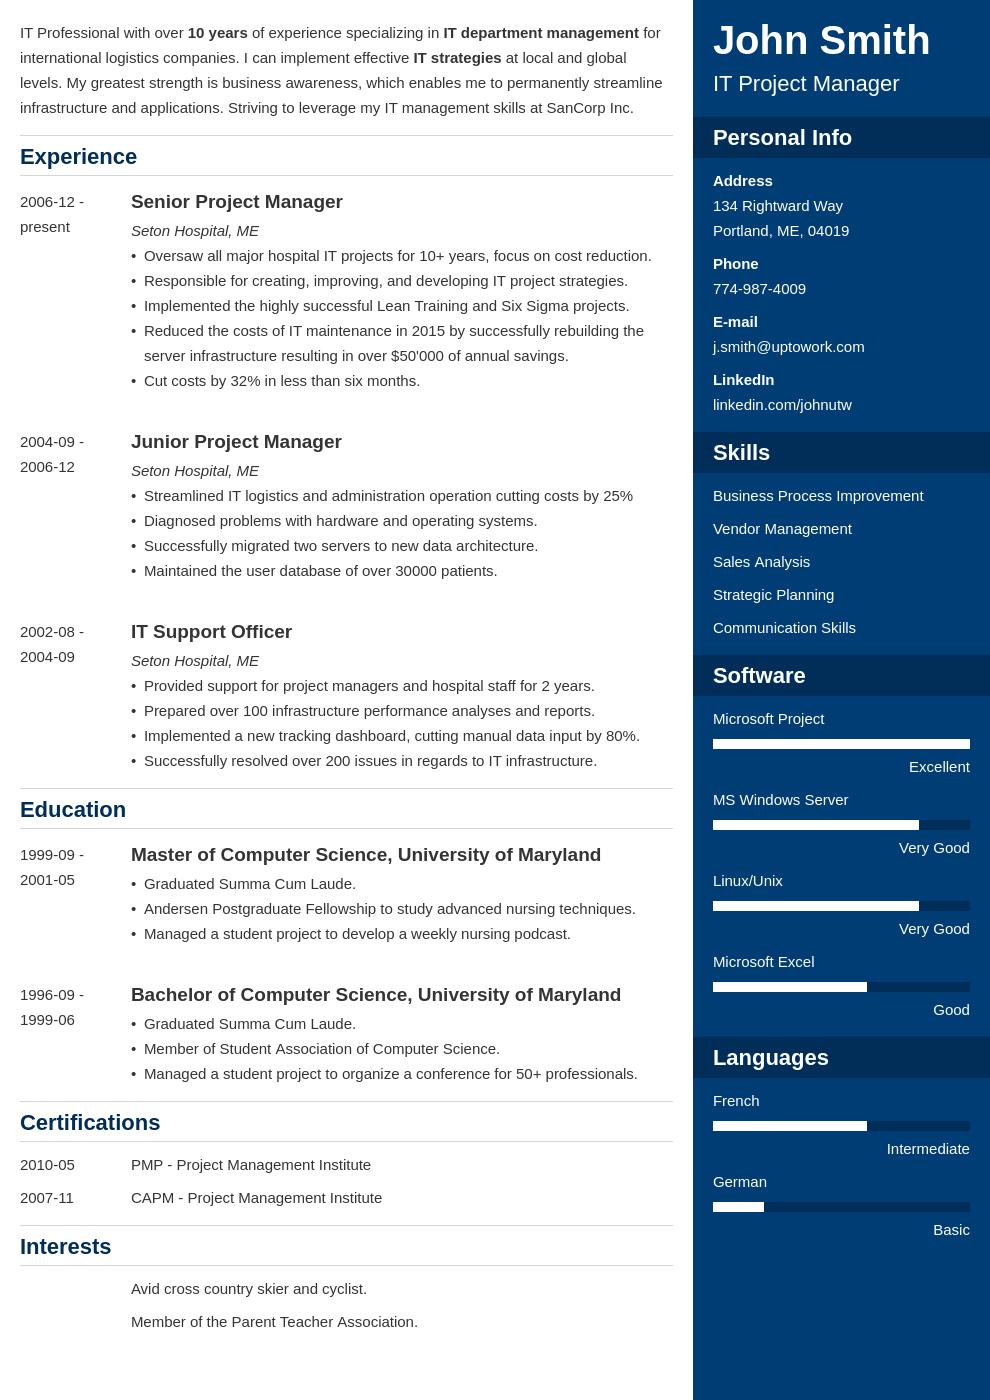 Modèle de CV professionnel Enfold